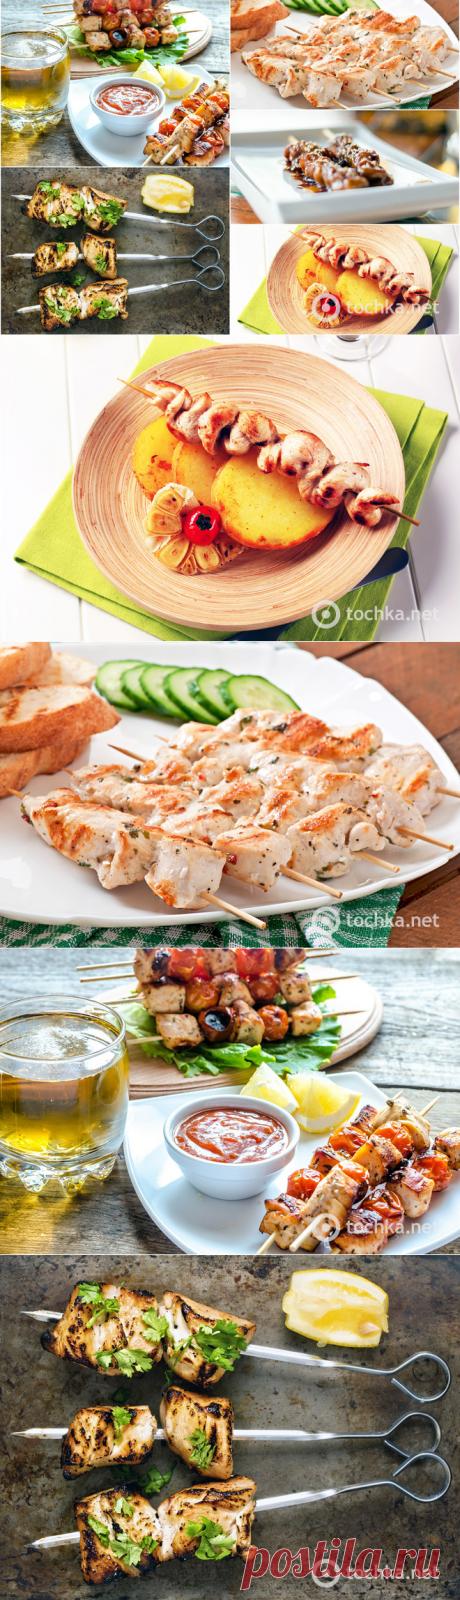 Рецепт куриного шашлыка: топ-5 вкусных вариантов шашлыка из курицы - Антрекот - большая кулинарная книга